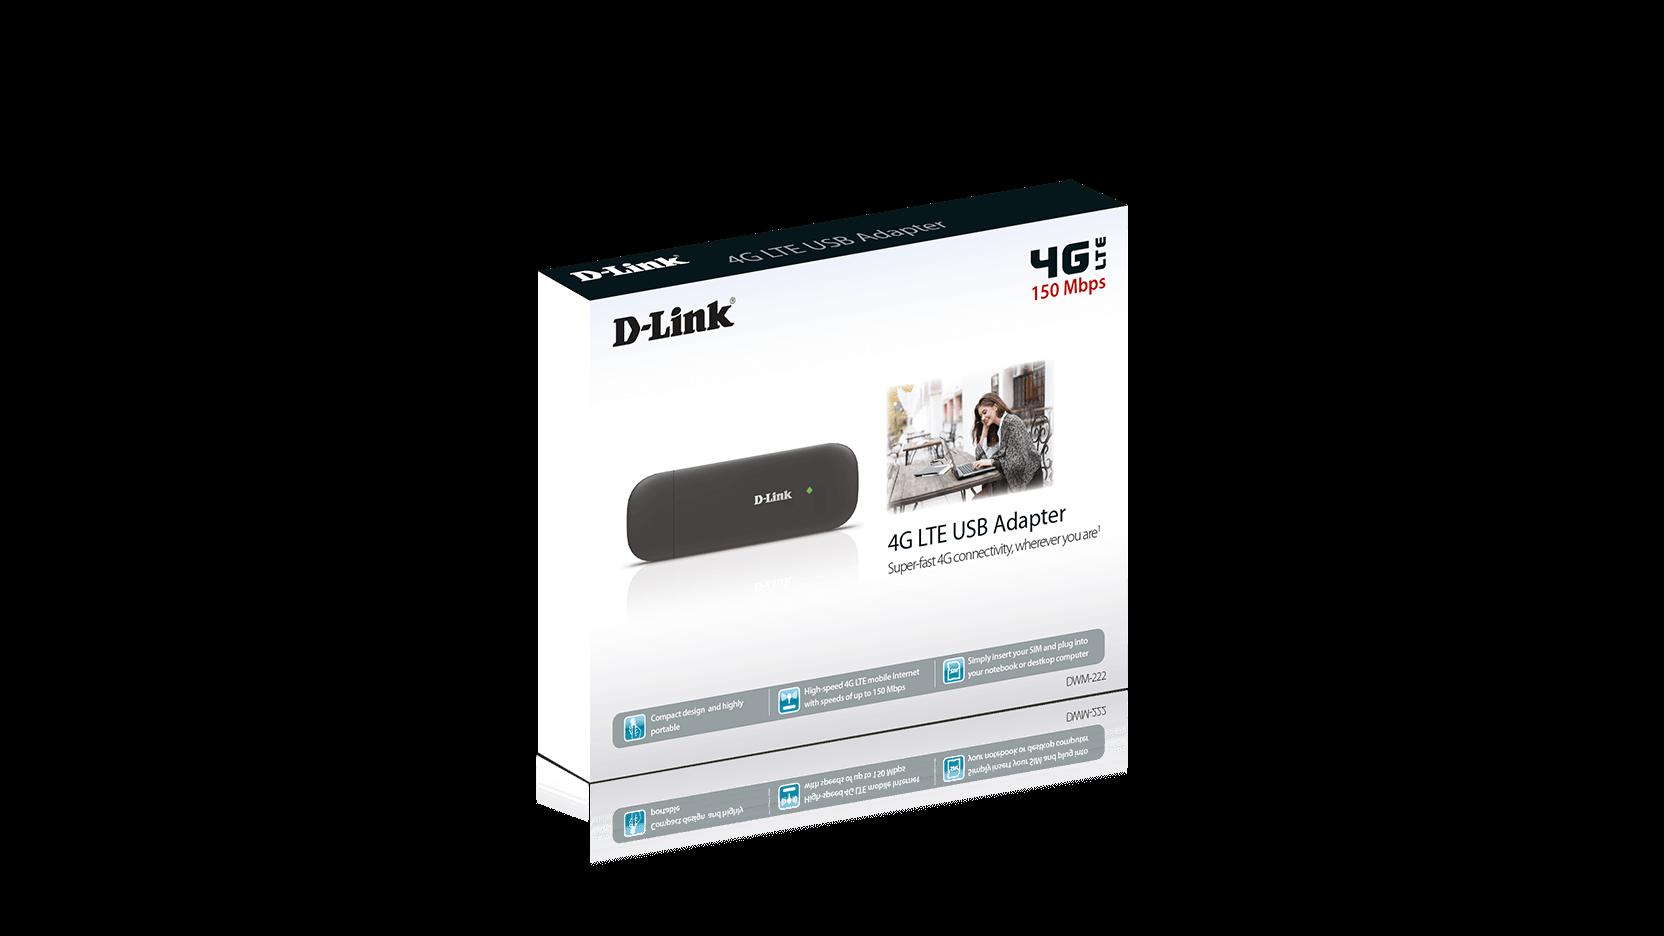 DWM-222 4G LTE USB Adapter | D-Link UK